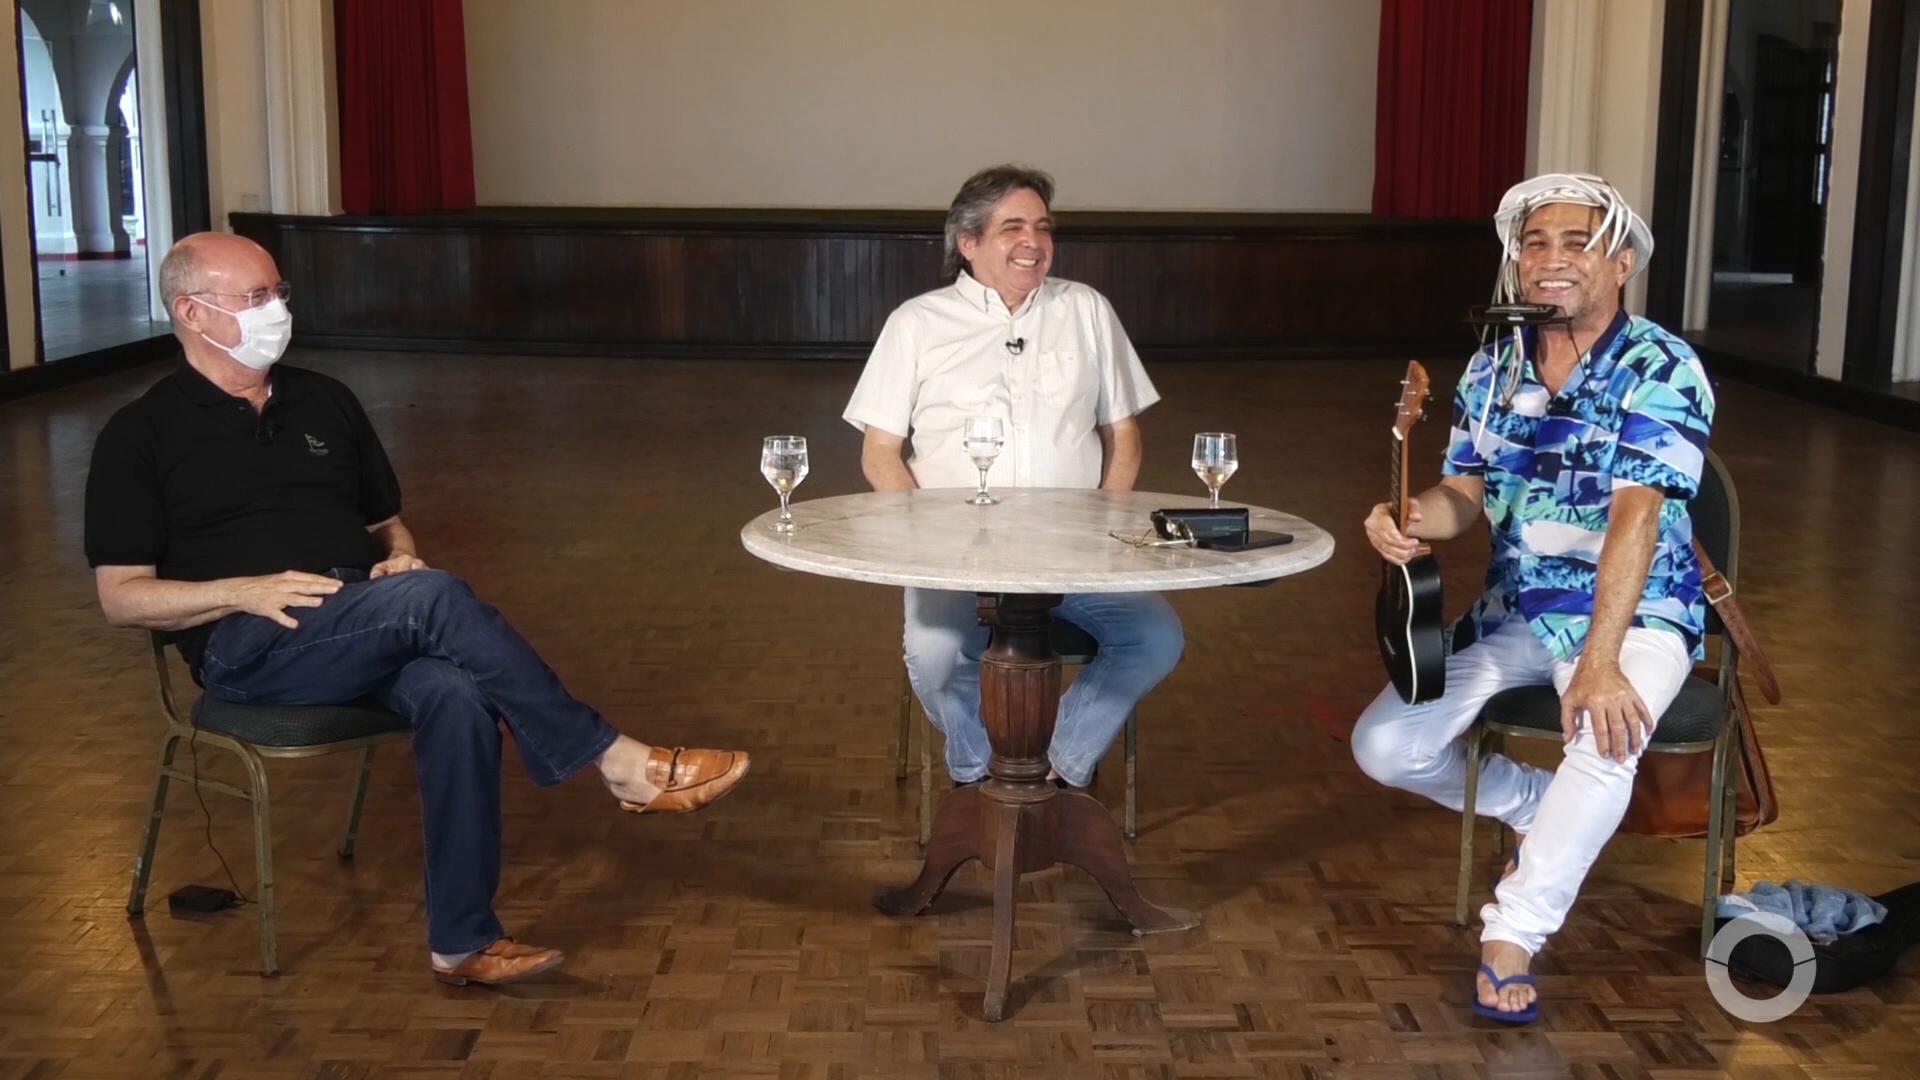 Mosaico entrevista Neopineo, cantor e compositor e Amarilio Cavalcante, pres. do Ideal Club